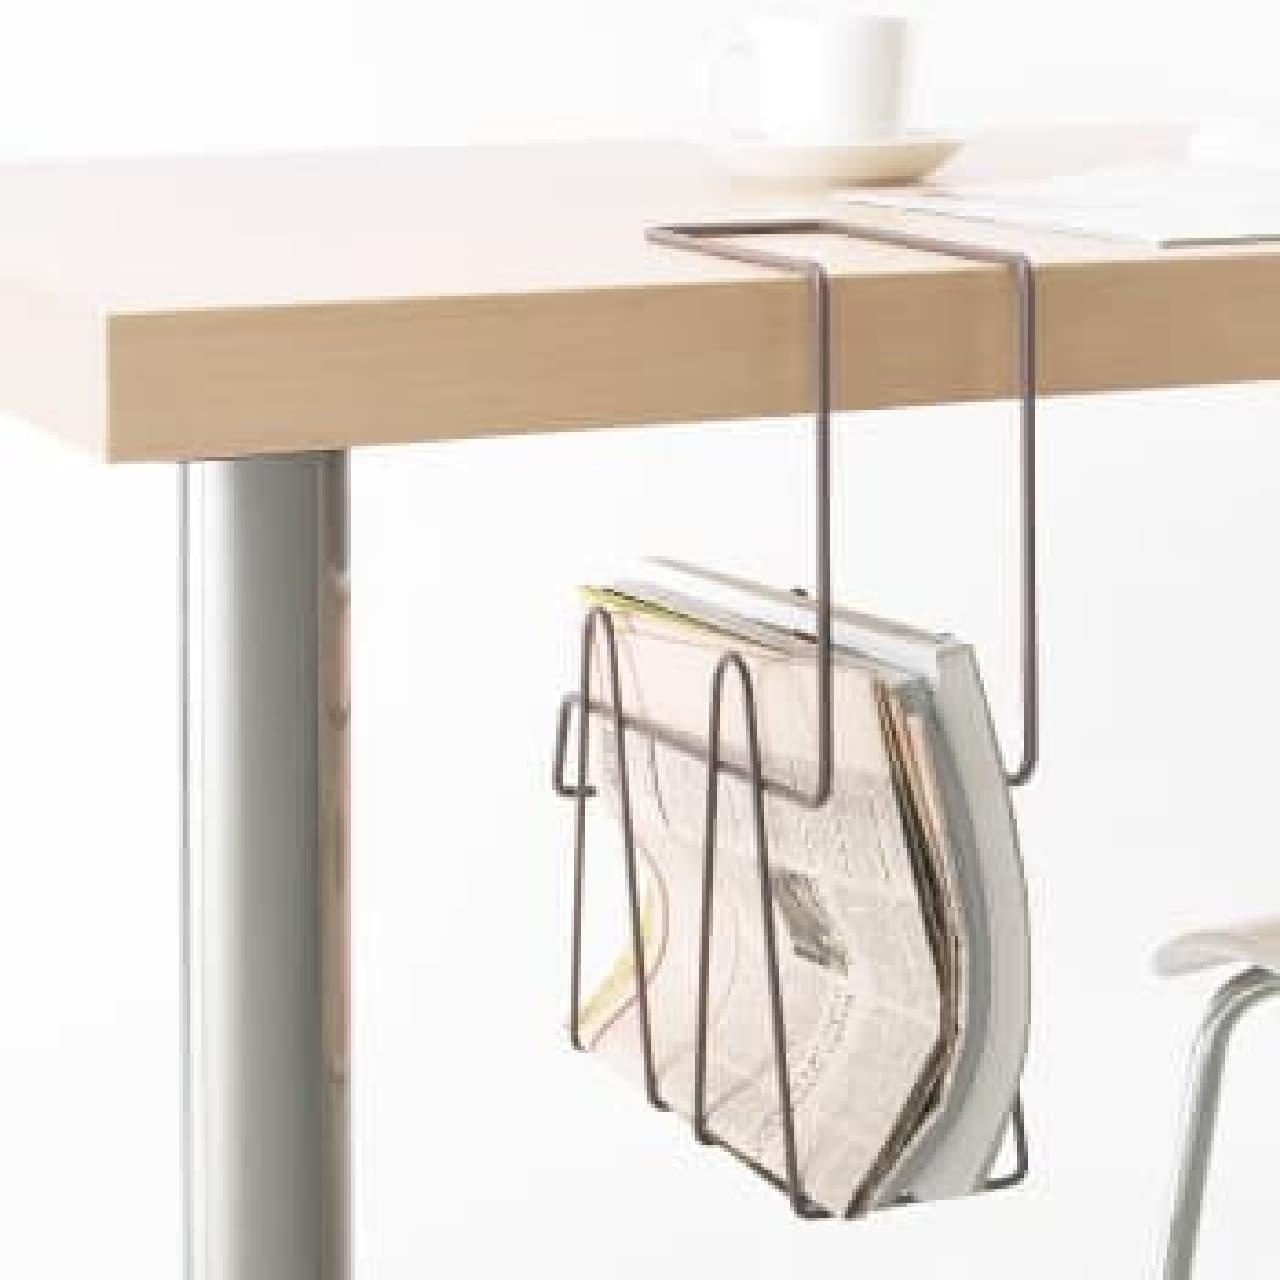 テーブル下のスペースを活用したアイデア商品